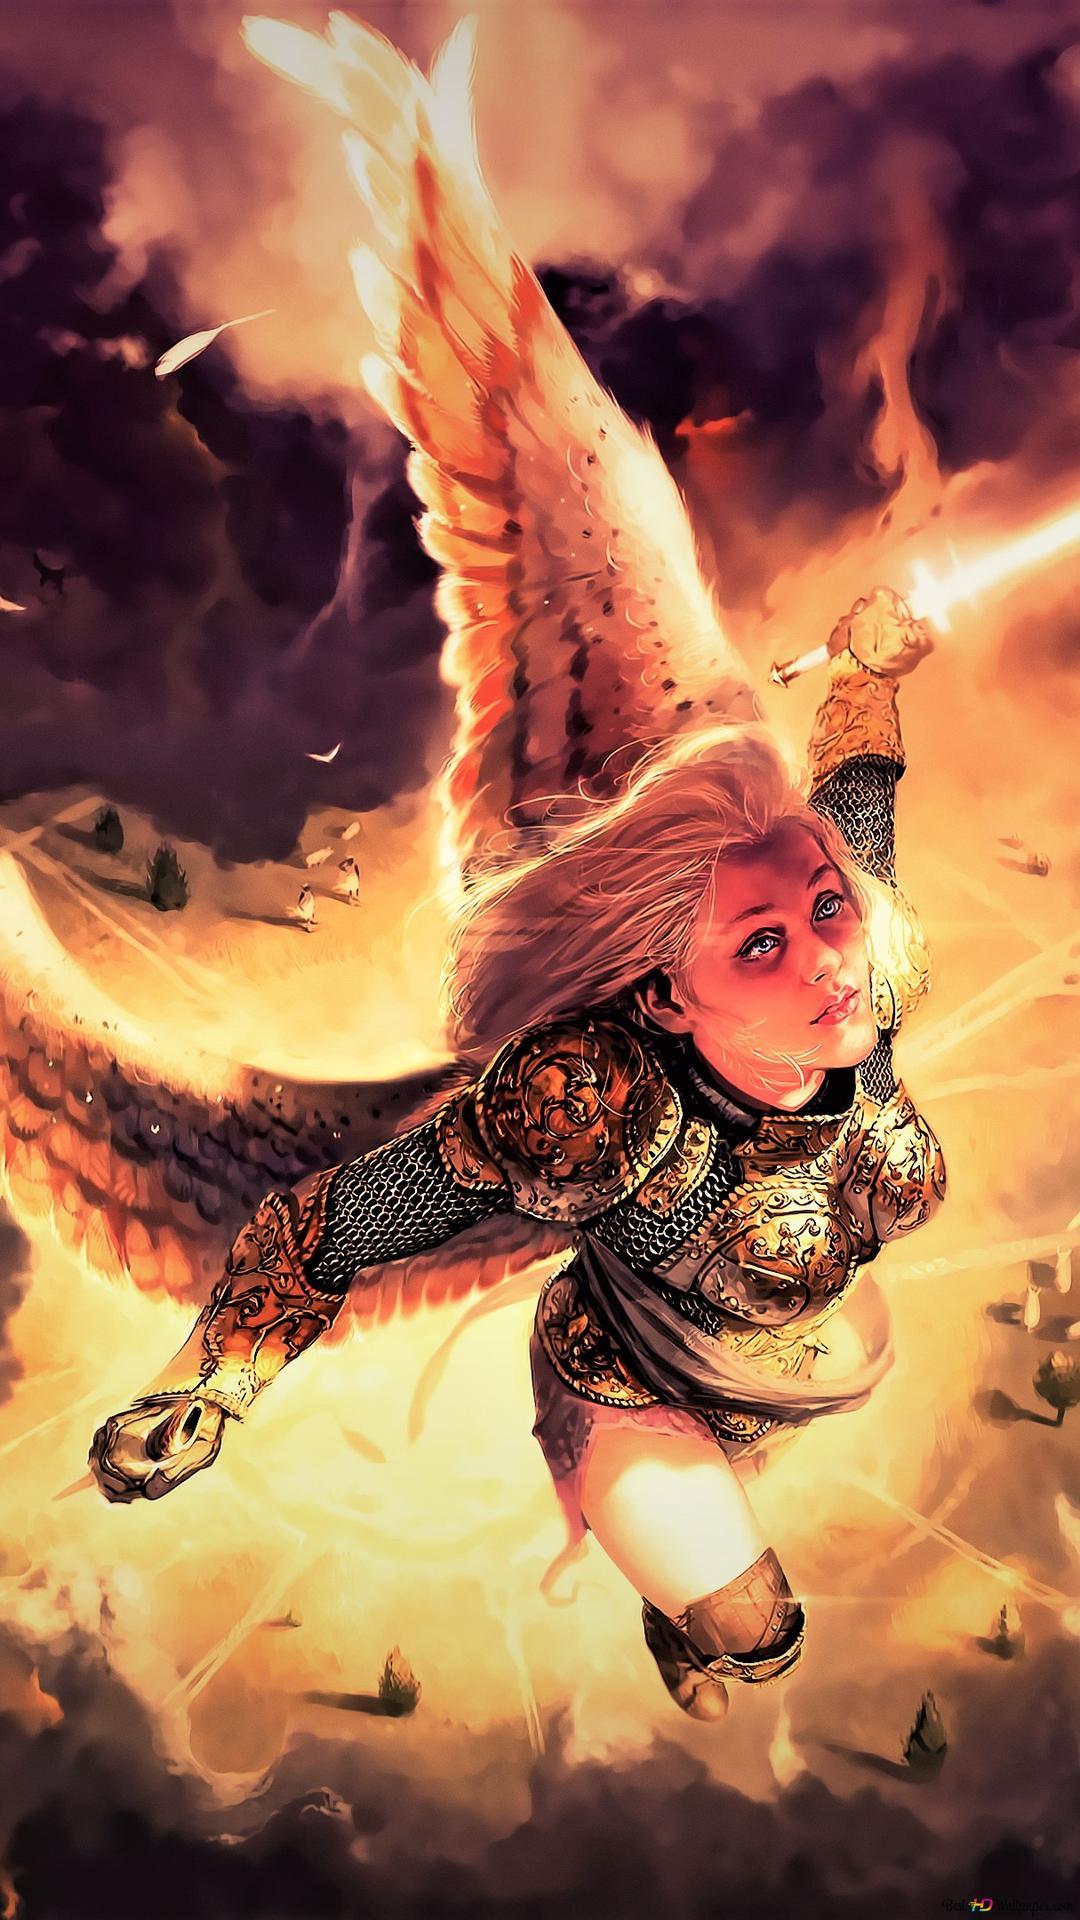 ファンタジー天使の戦士 Hd壁紙のダウンロード